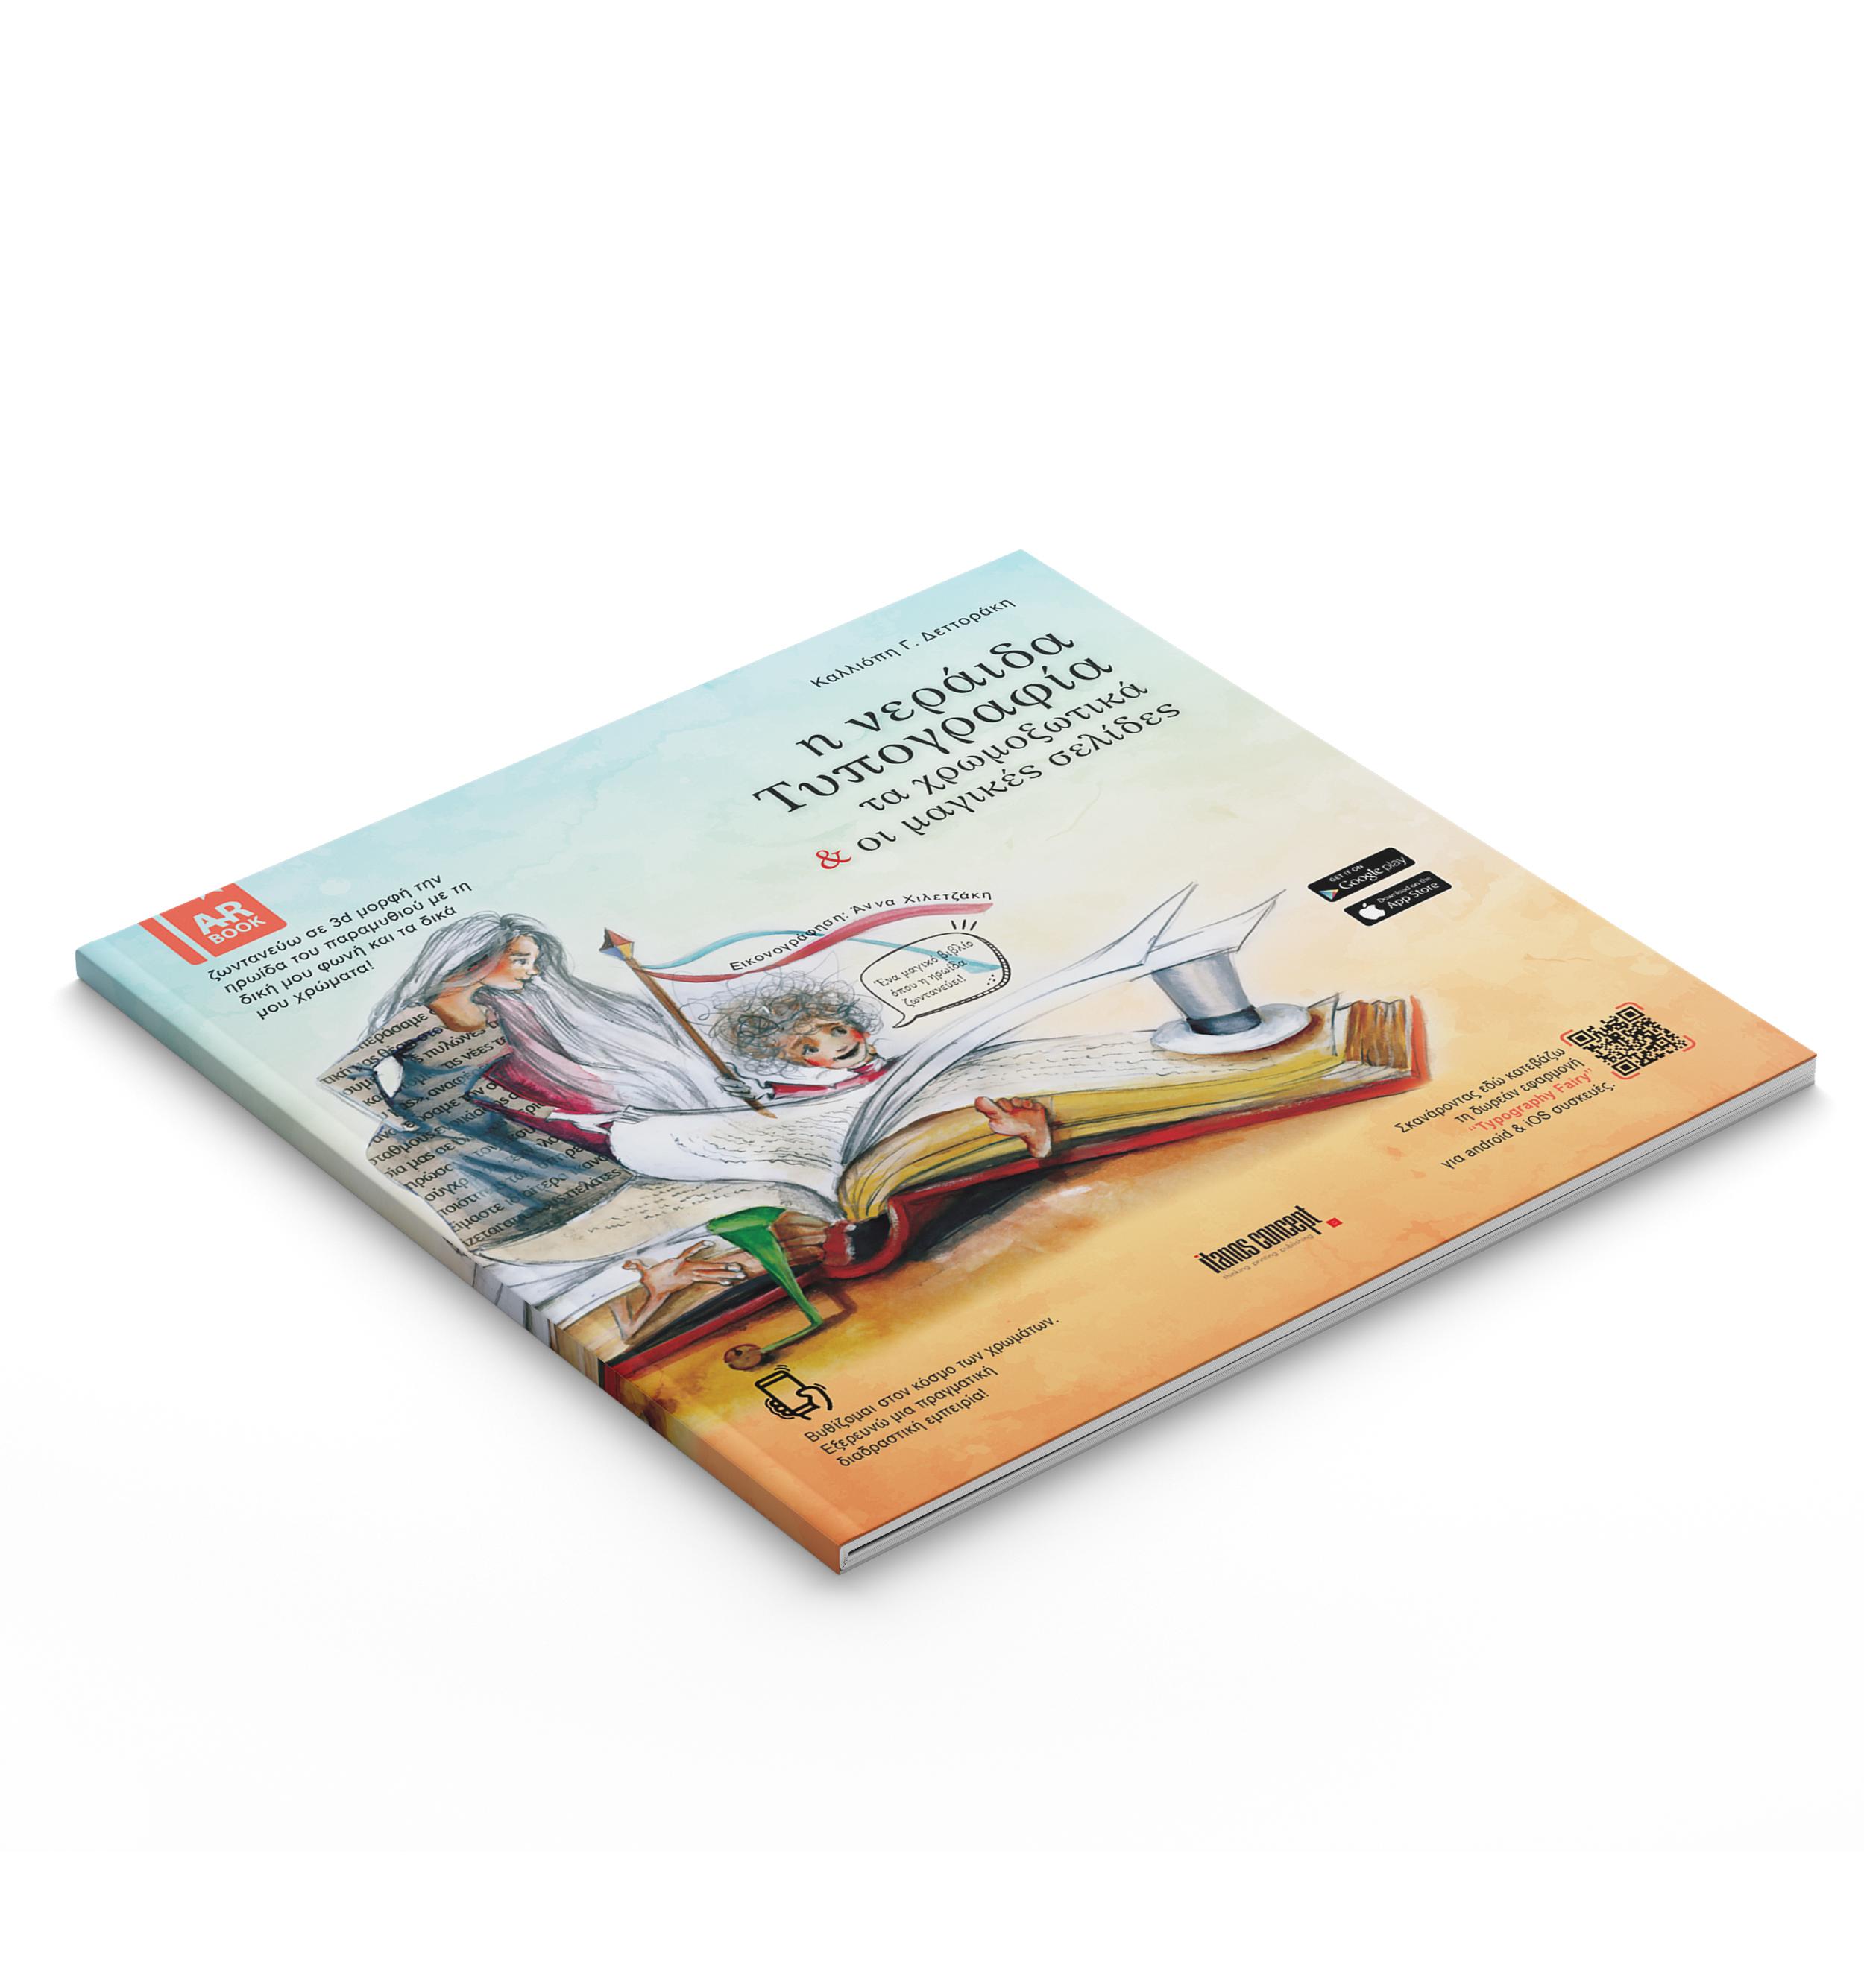 Η νεράιδα Τυπογραφία, τα χρωμοξωτικά και οι μαγικές σελίδες - Συλλεκτική έκδοση